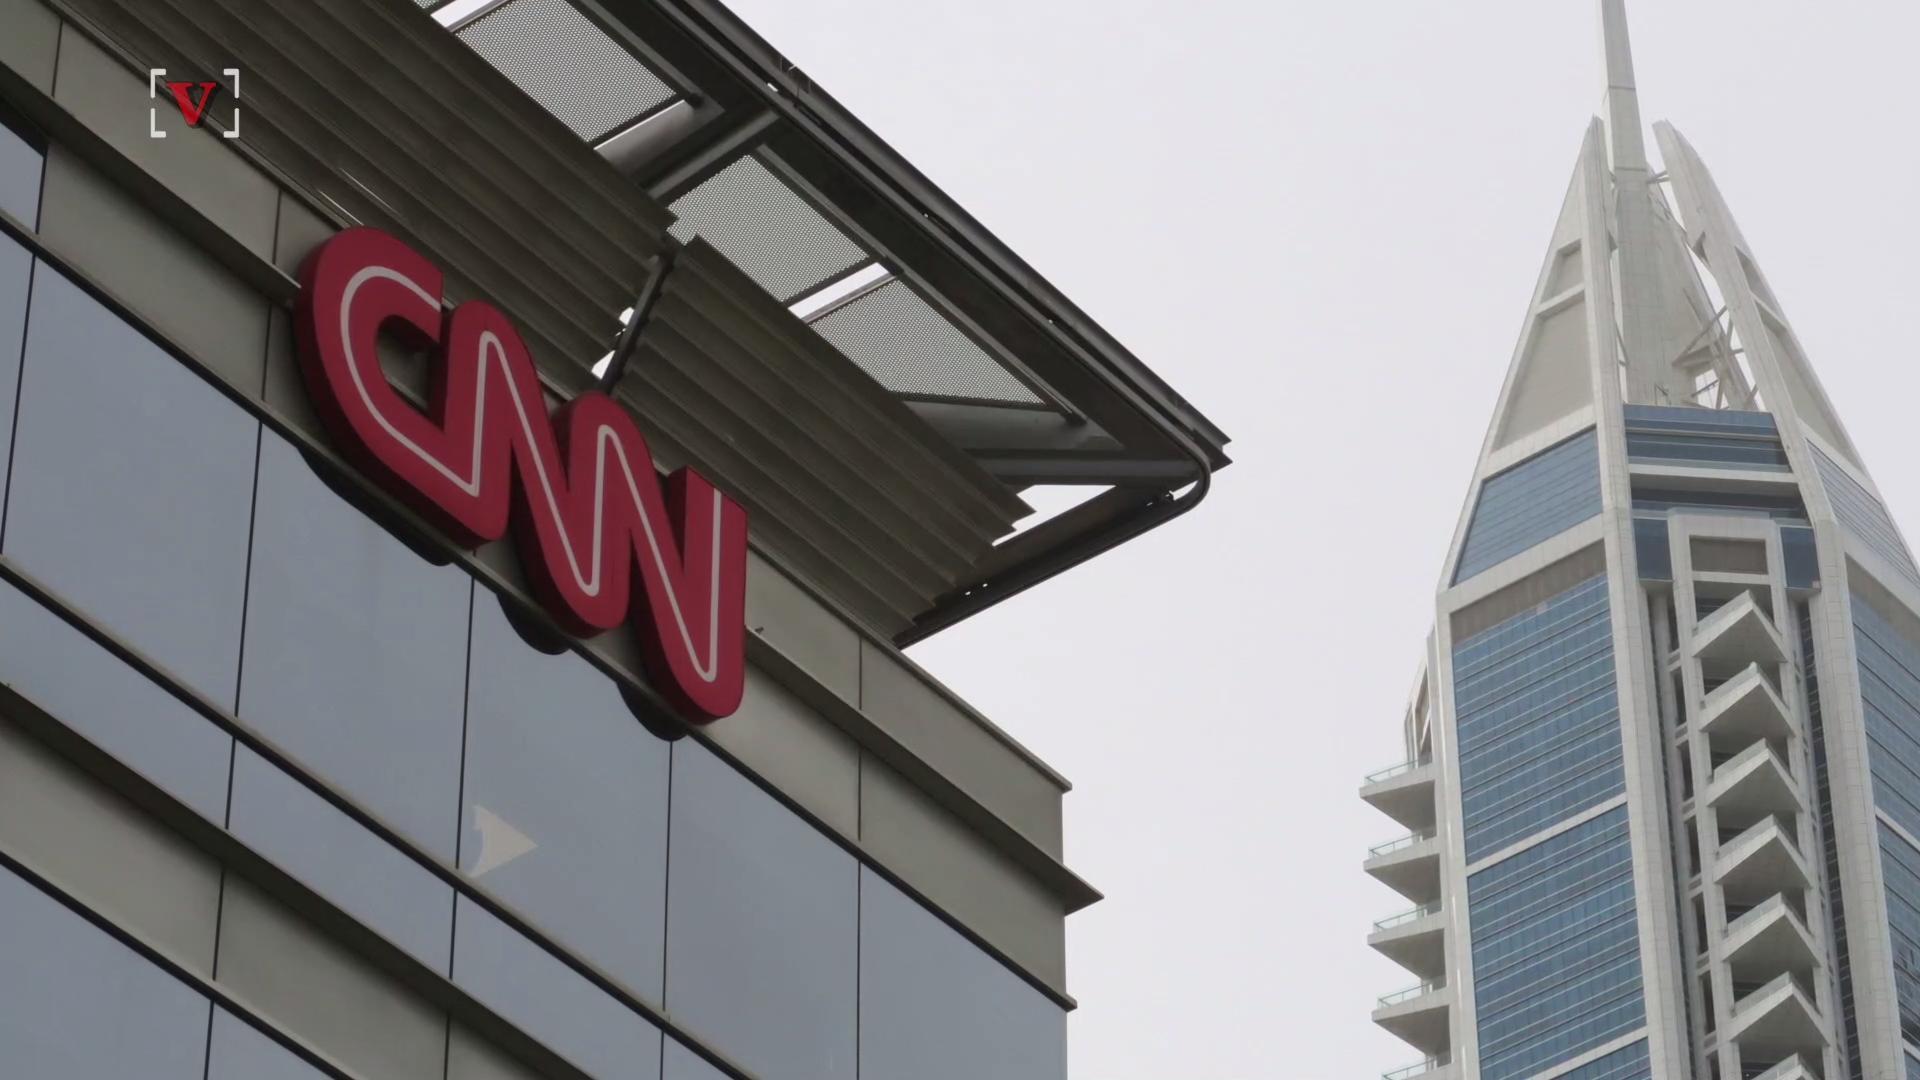 Trump Trolls 'Fake News' CNN Following High Profile Resignations